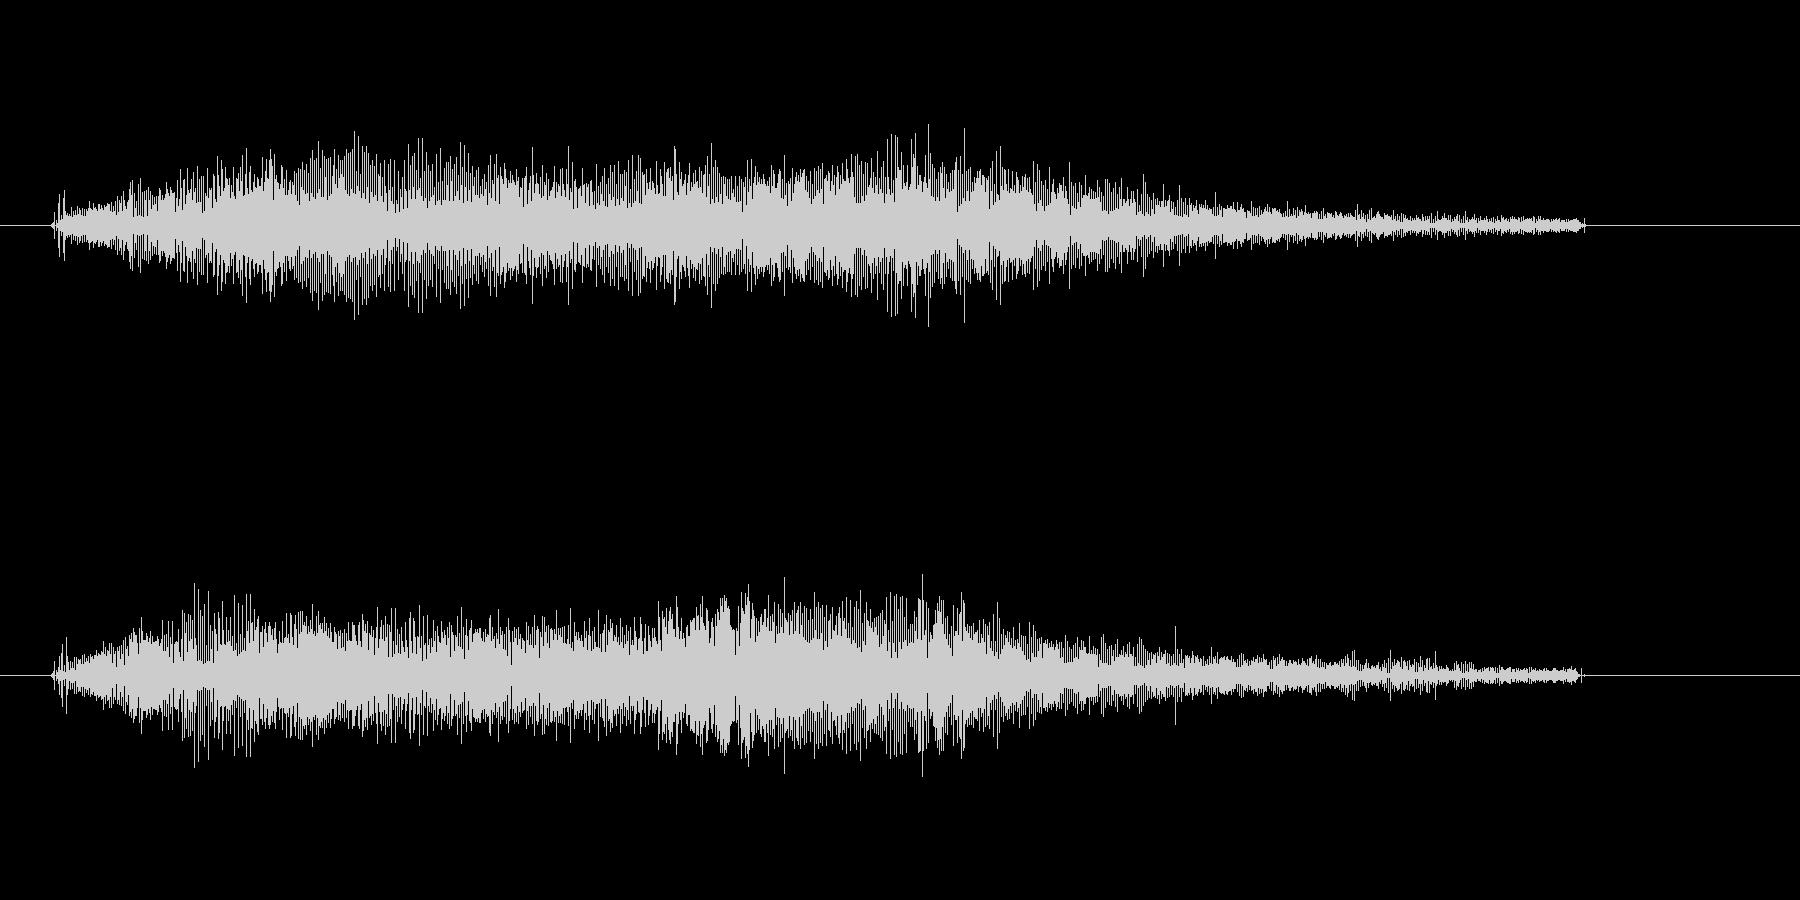 宇宙人光線ビーム音キュイーンビュイーンの未再生の波形